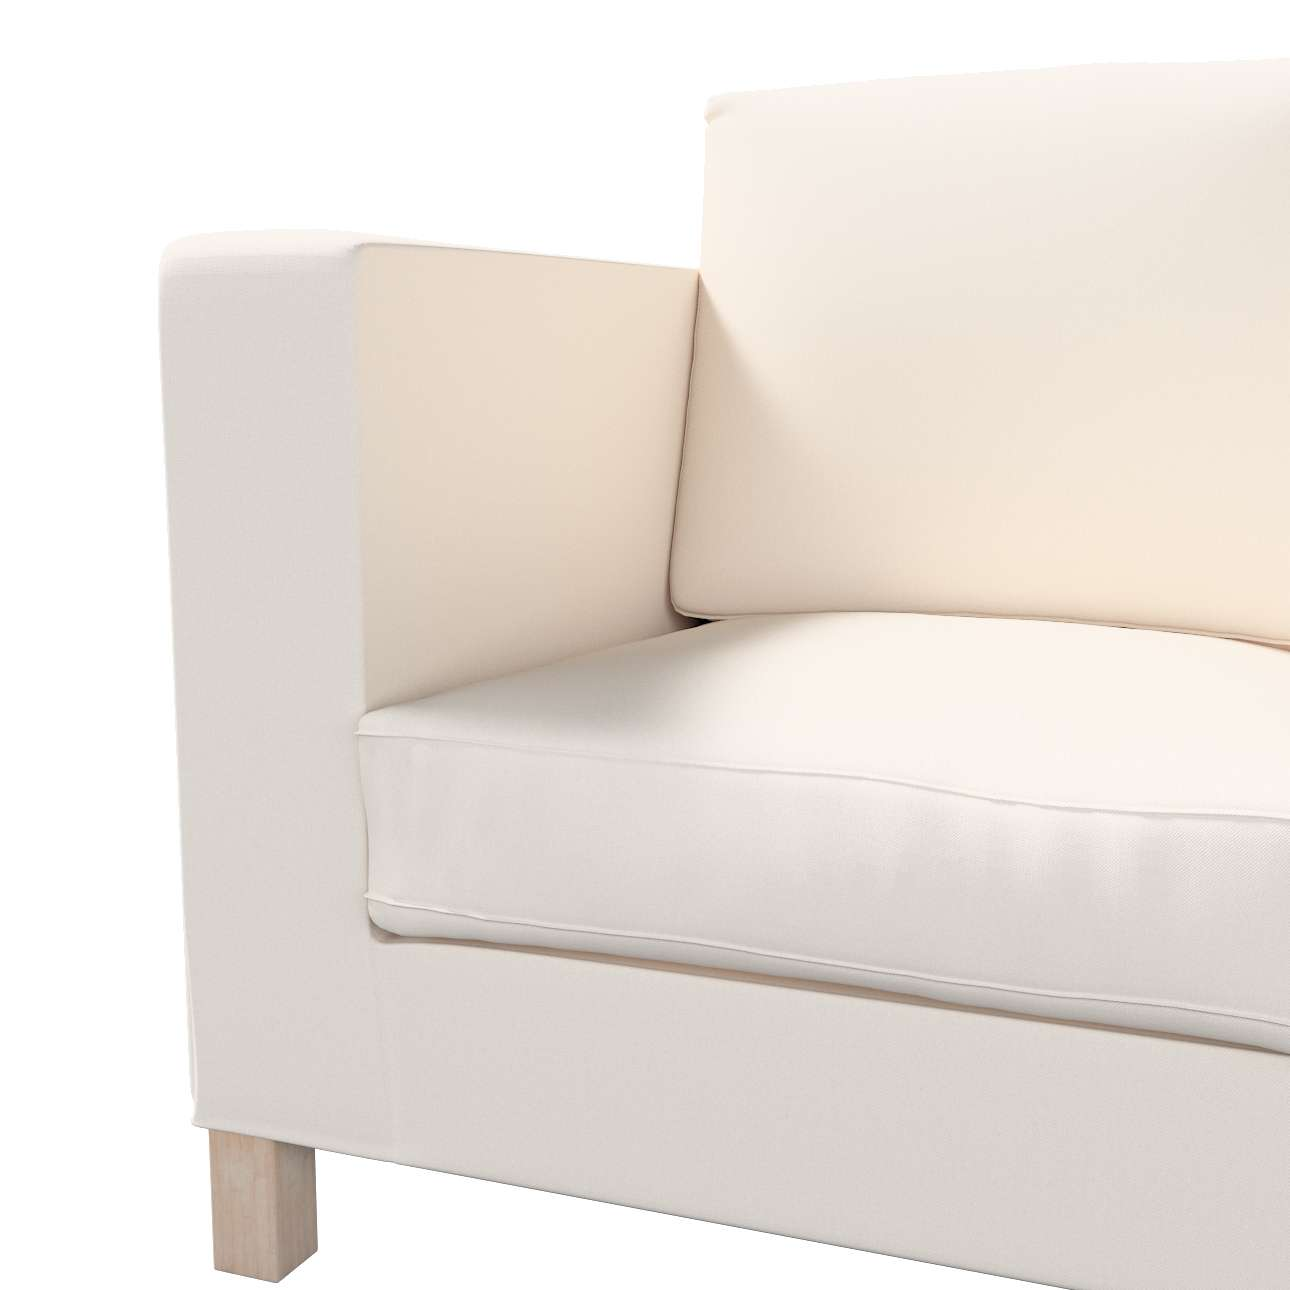 Karlanda klädsel <br>3-sits soffa - kort klädsel i kollektionen Etna, Tyg: 705-01